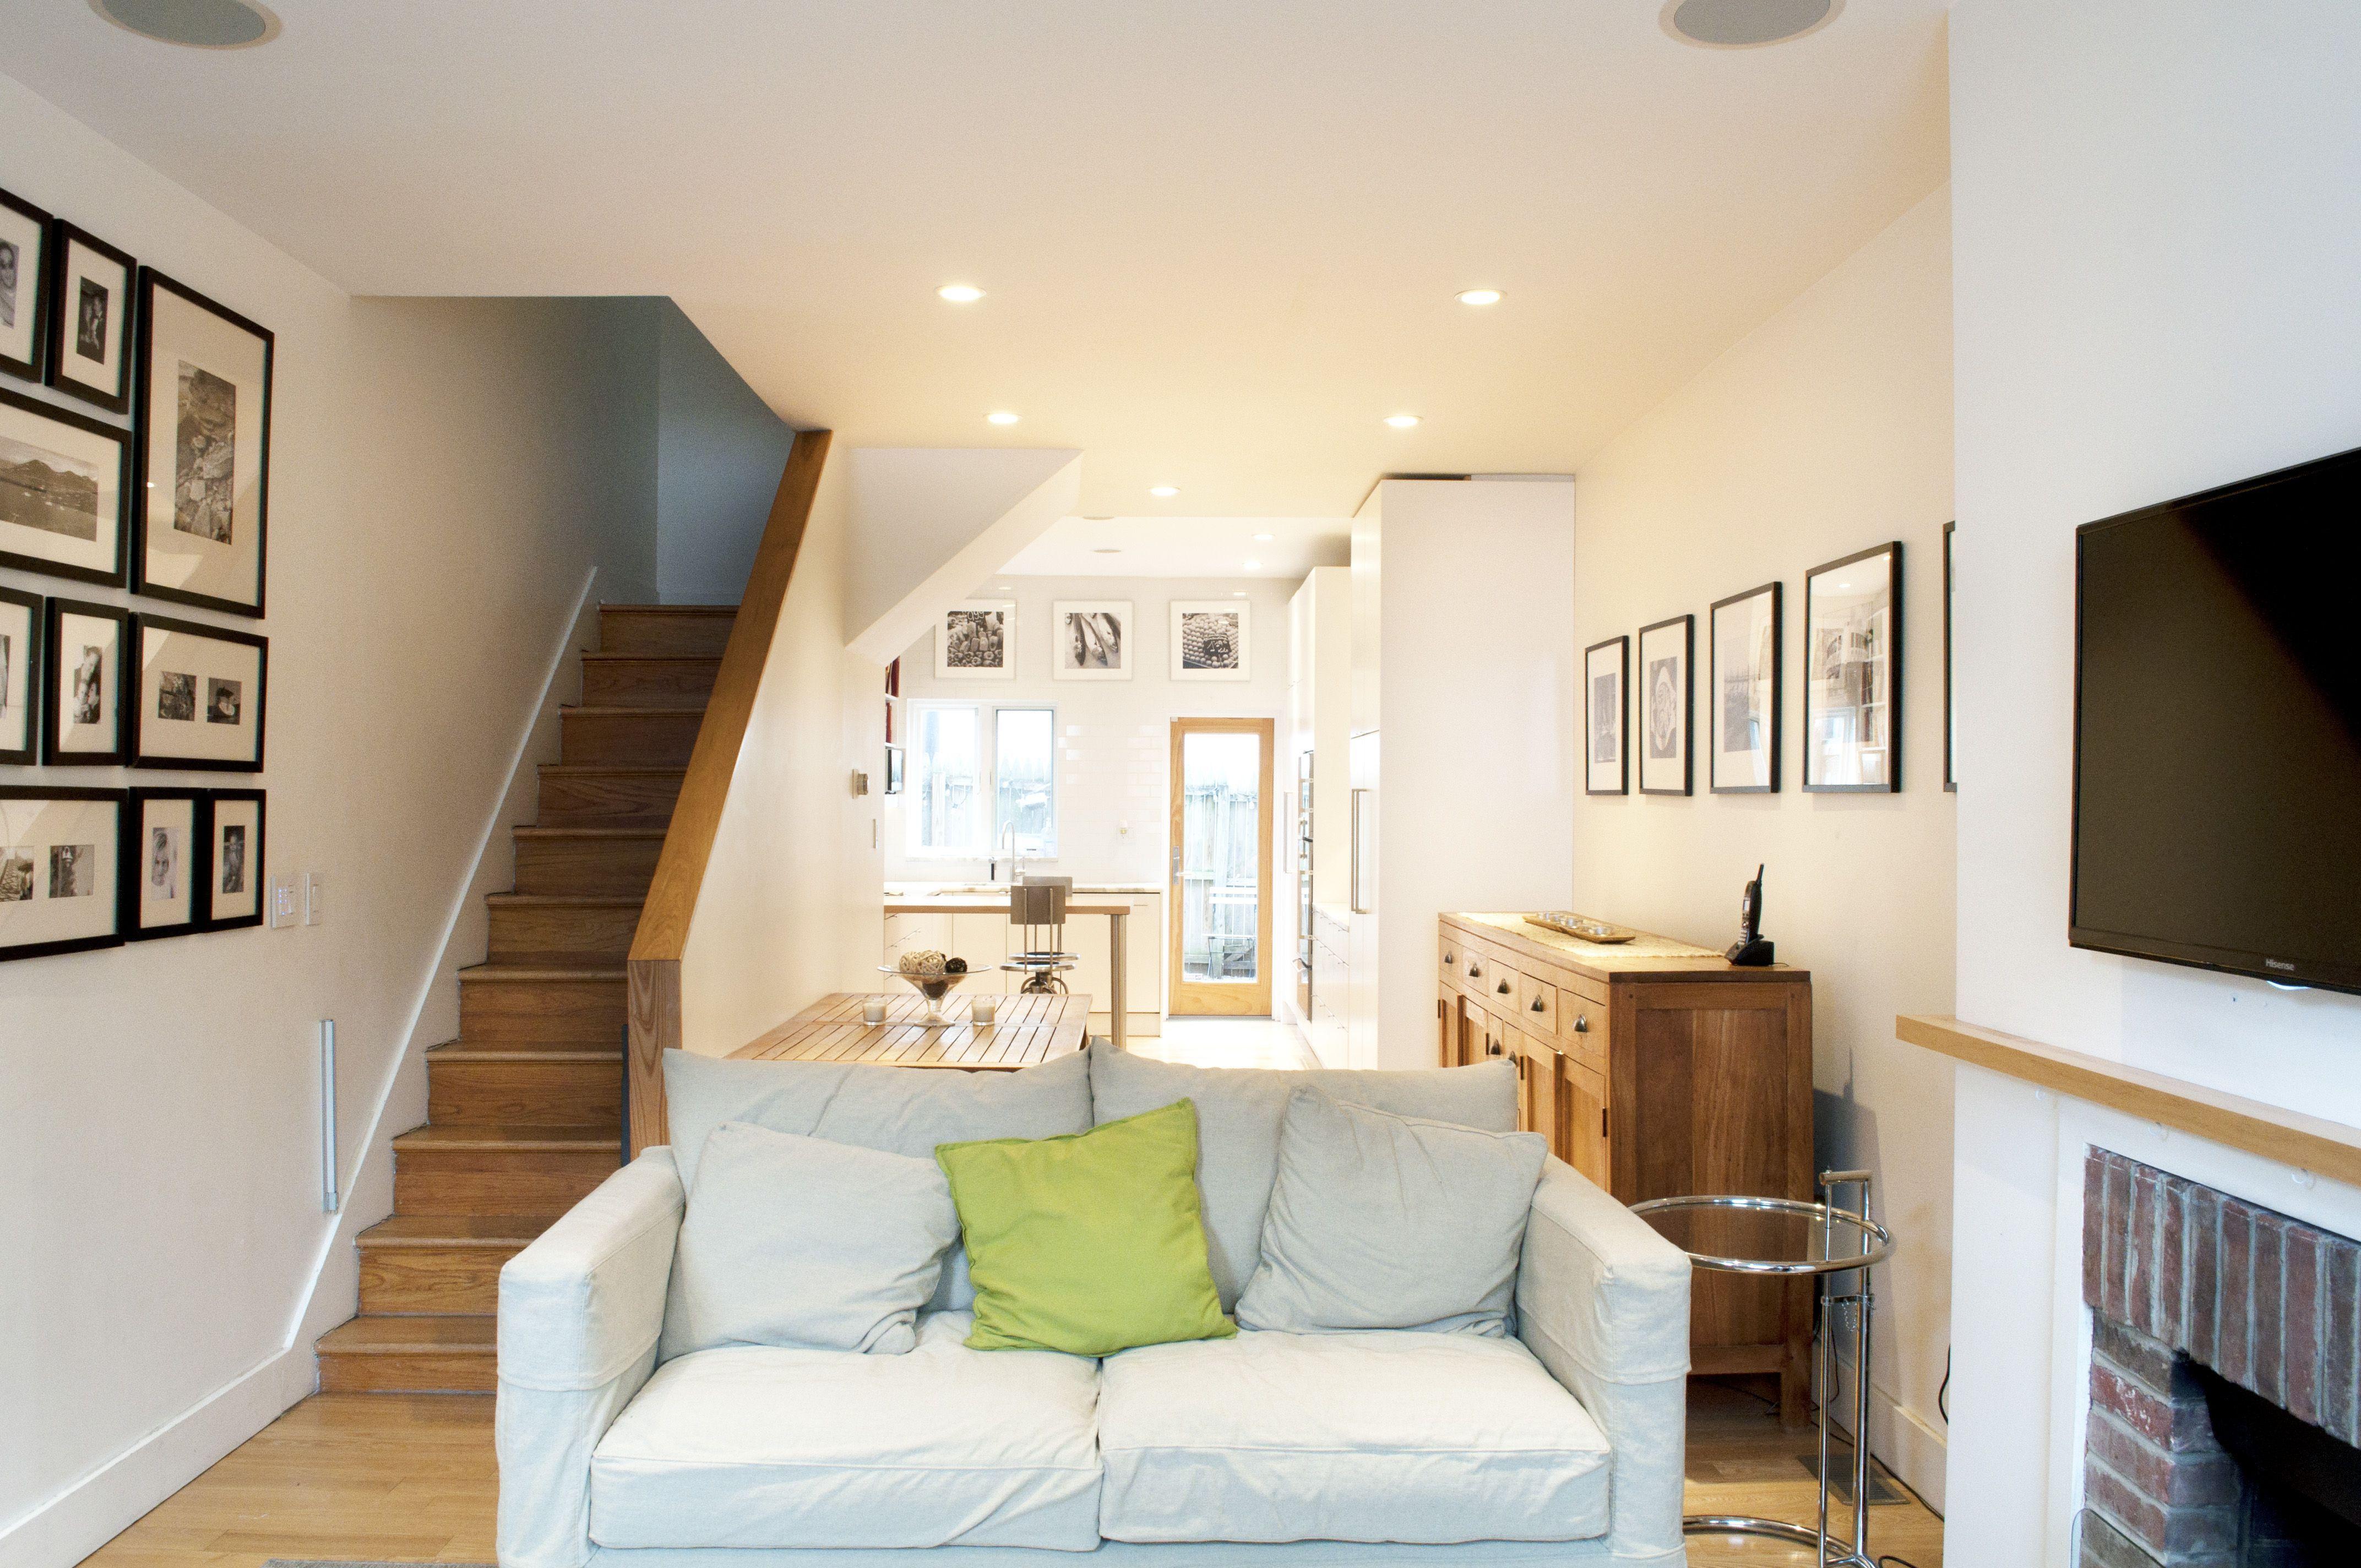 Tour A Renovated Fitler Square Rowhome Home Interior Design Home Inside Design Small House Interior Design